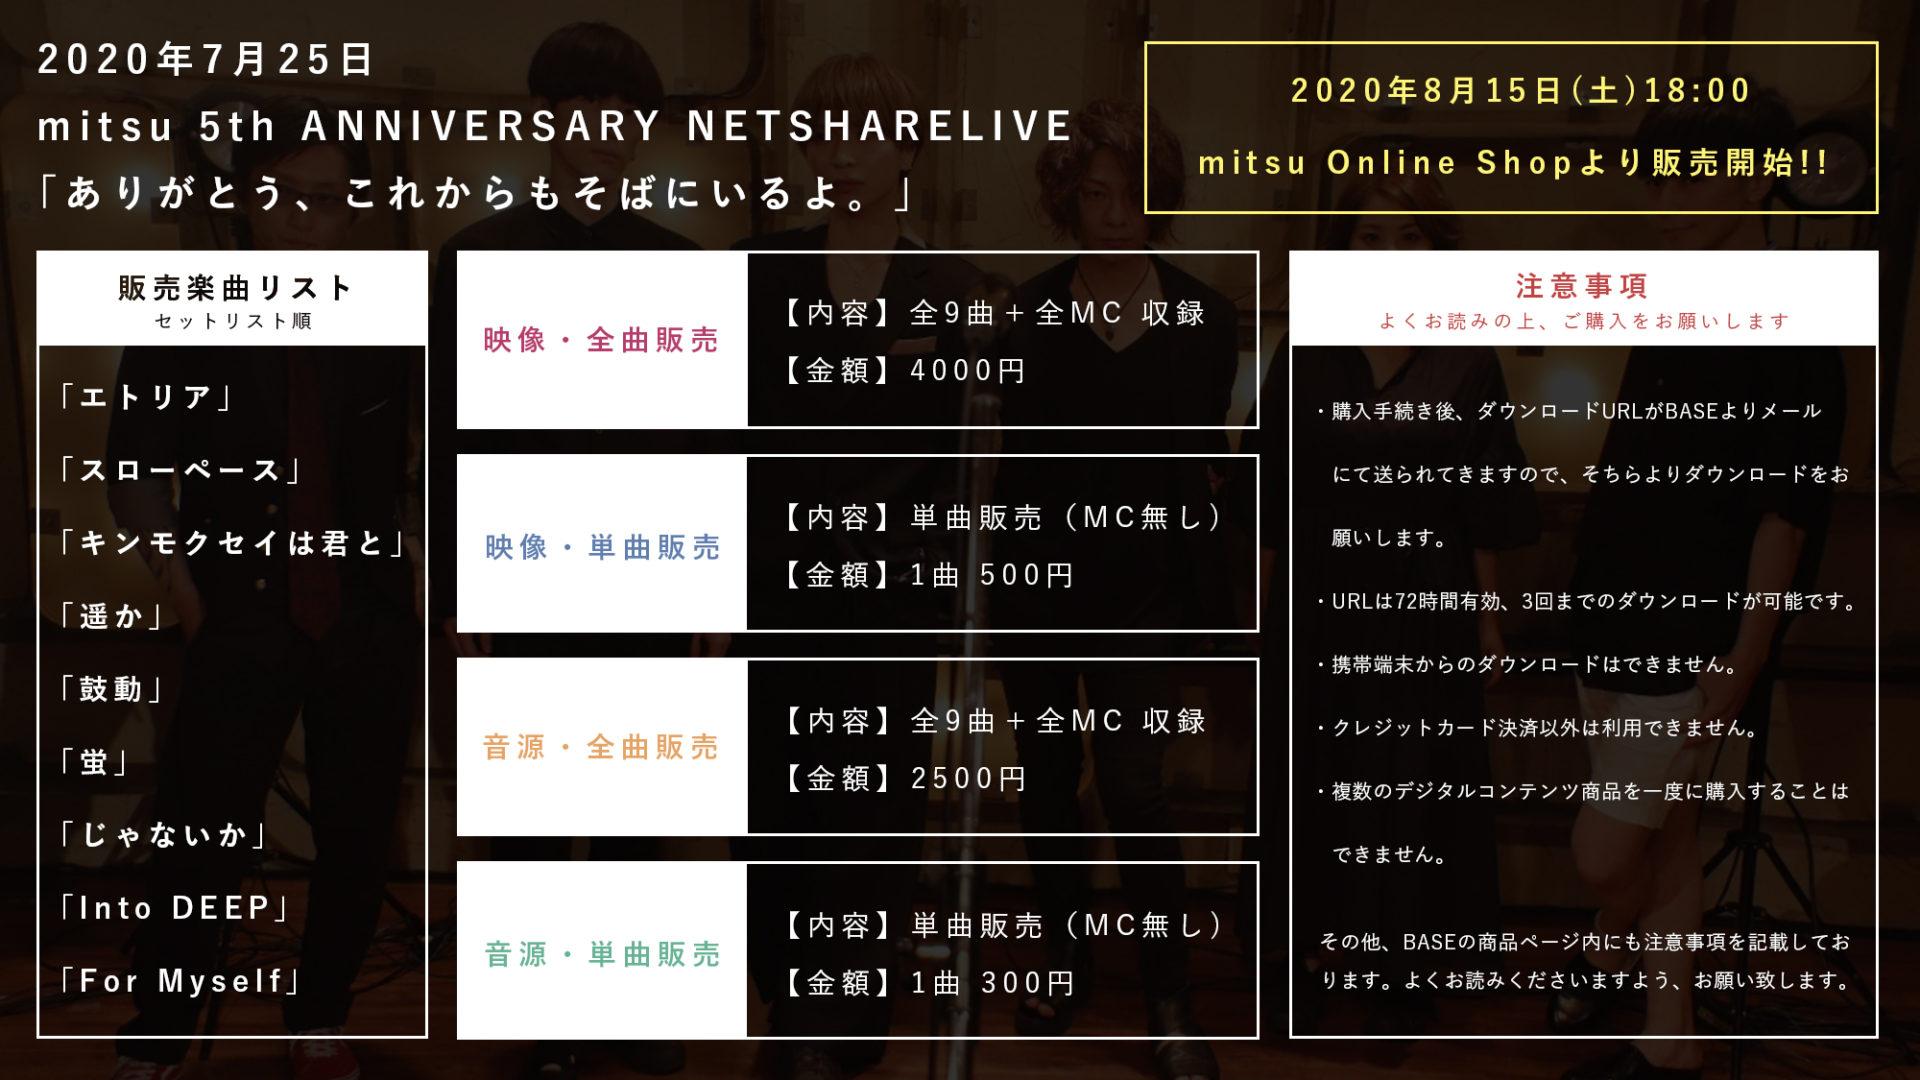 mitsu_5周年_デジタルデータ販売2.jpg